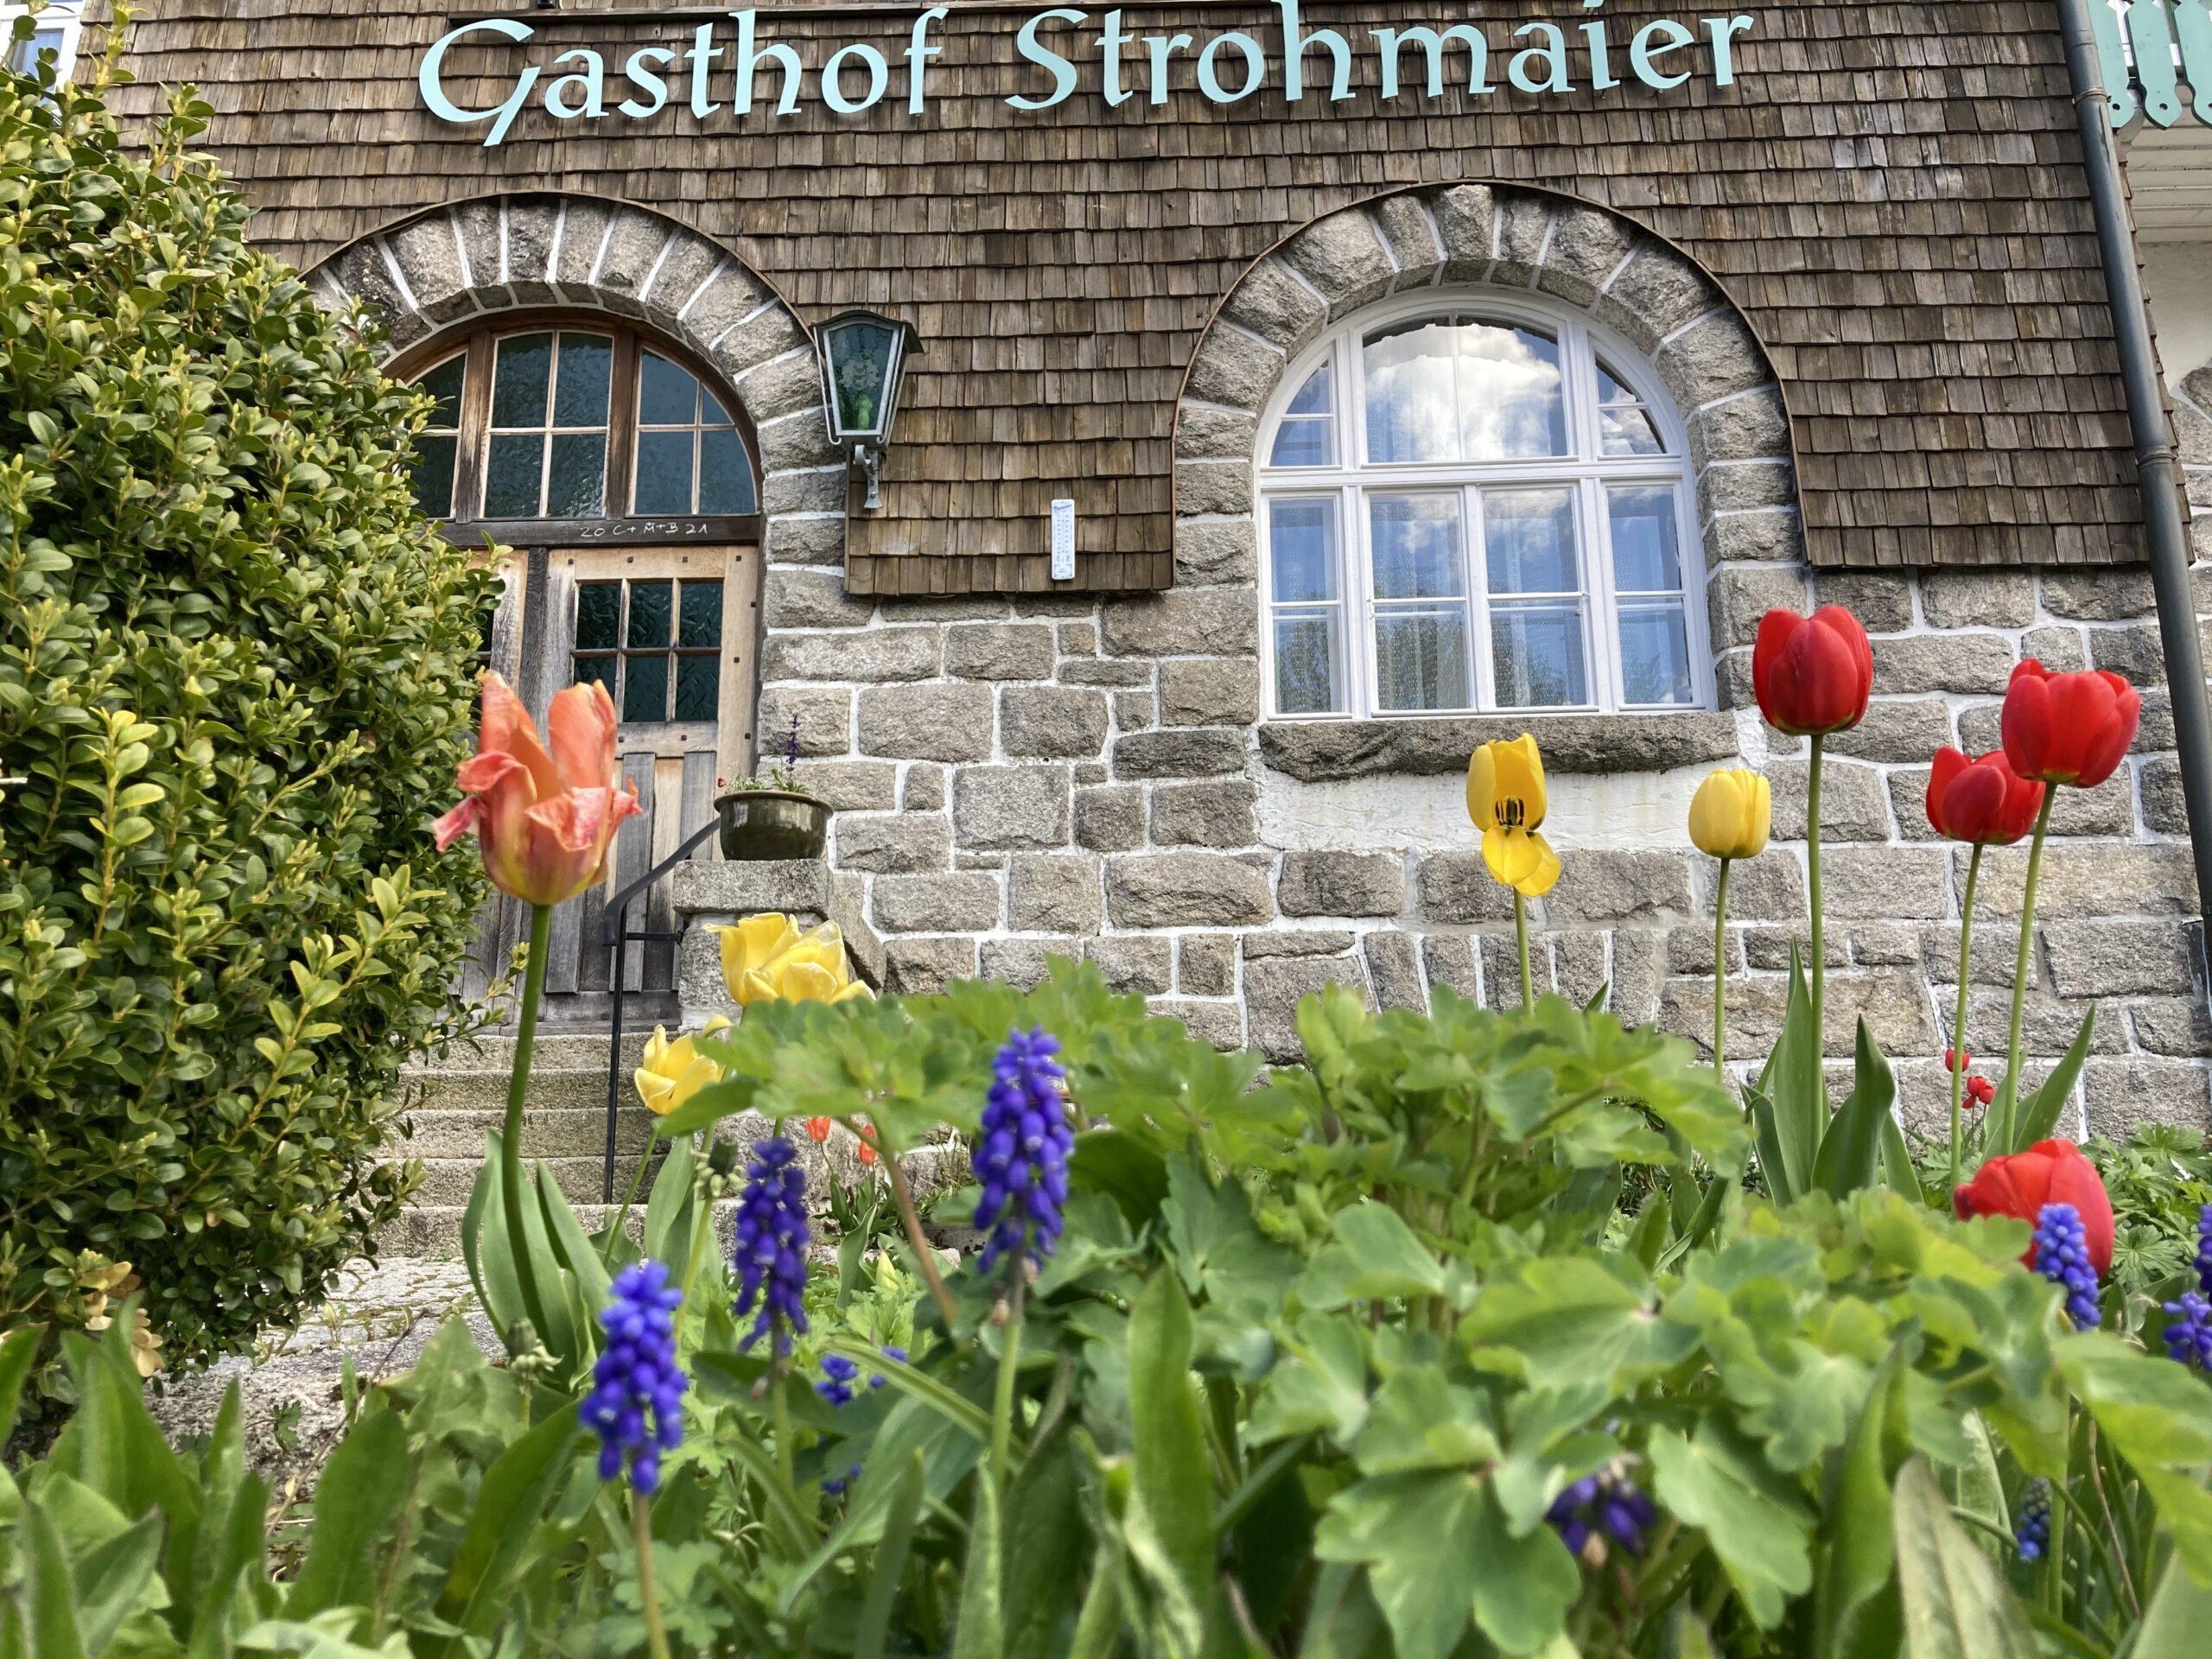 Gasthof_Frühjahr